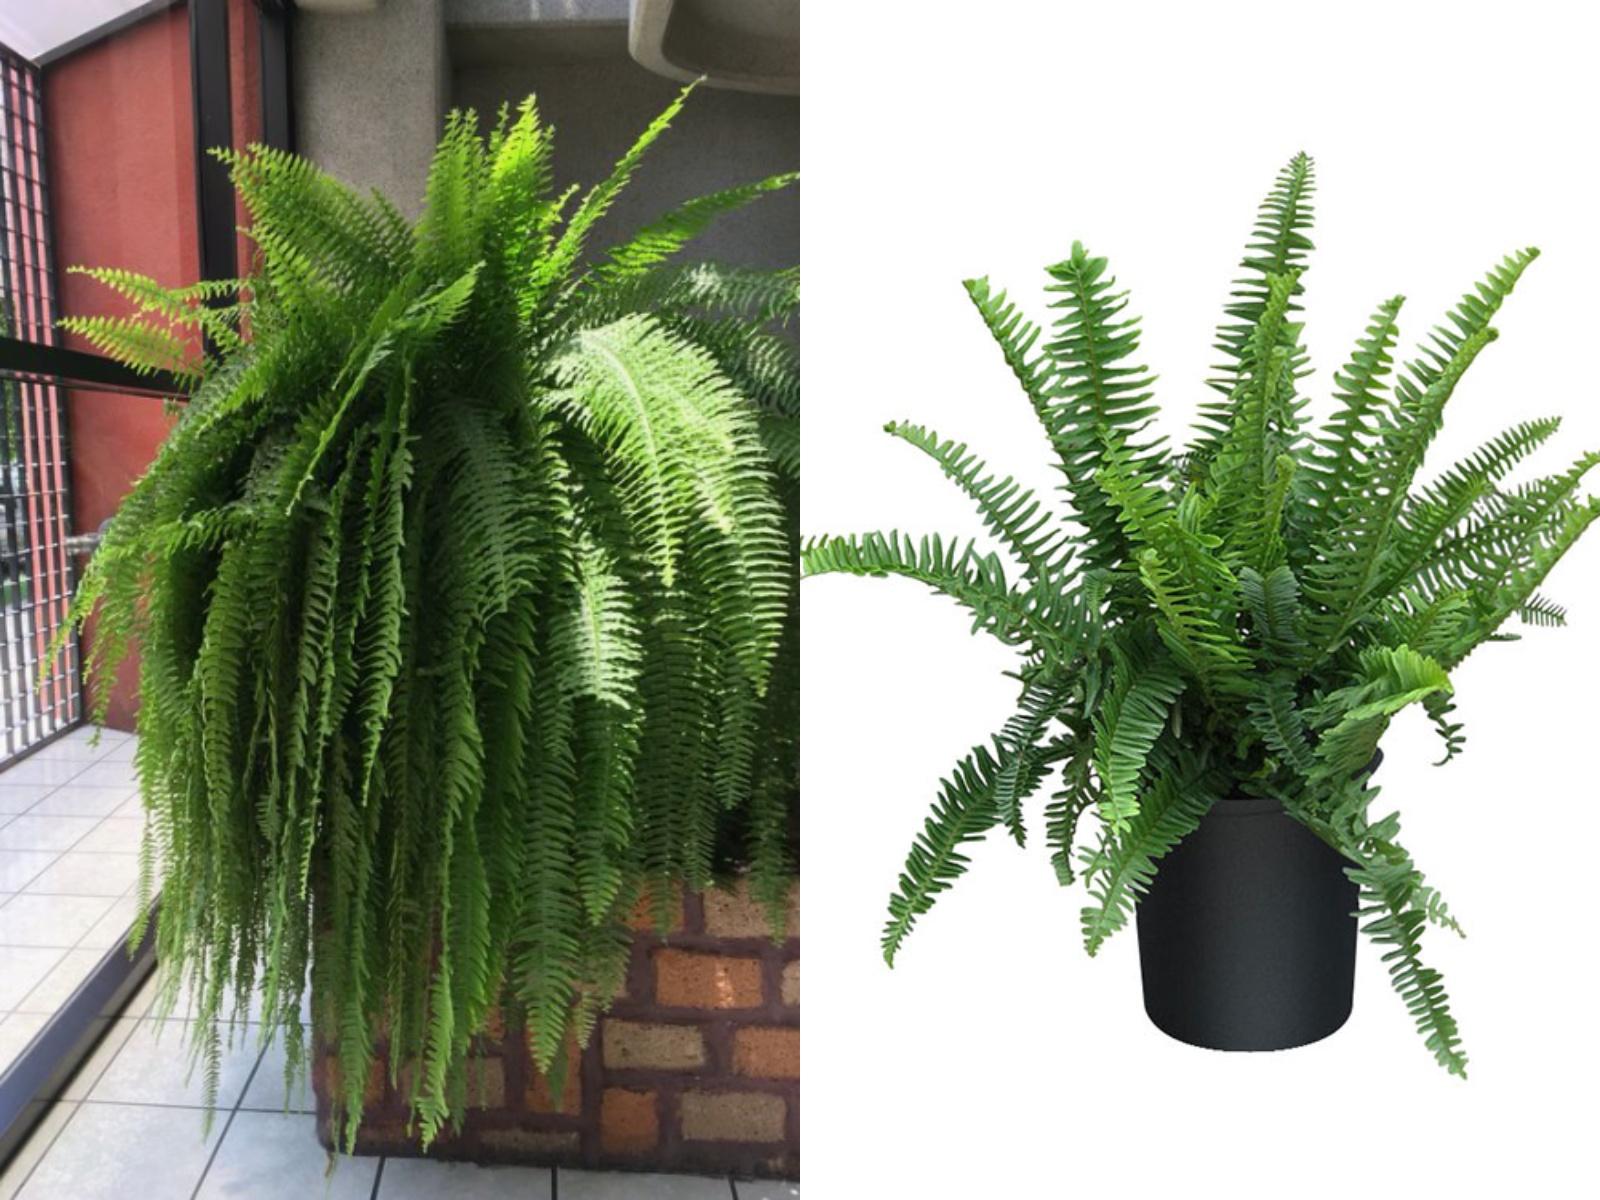 Nefrolepis rośliny oczyszczające powietrze